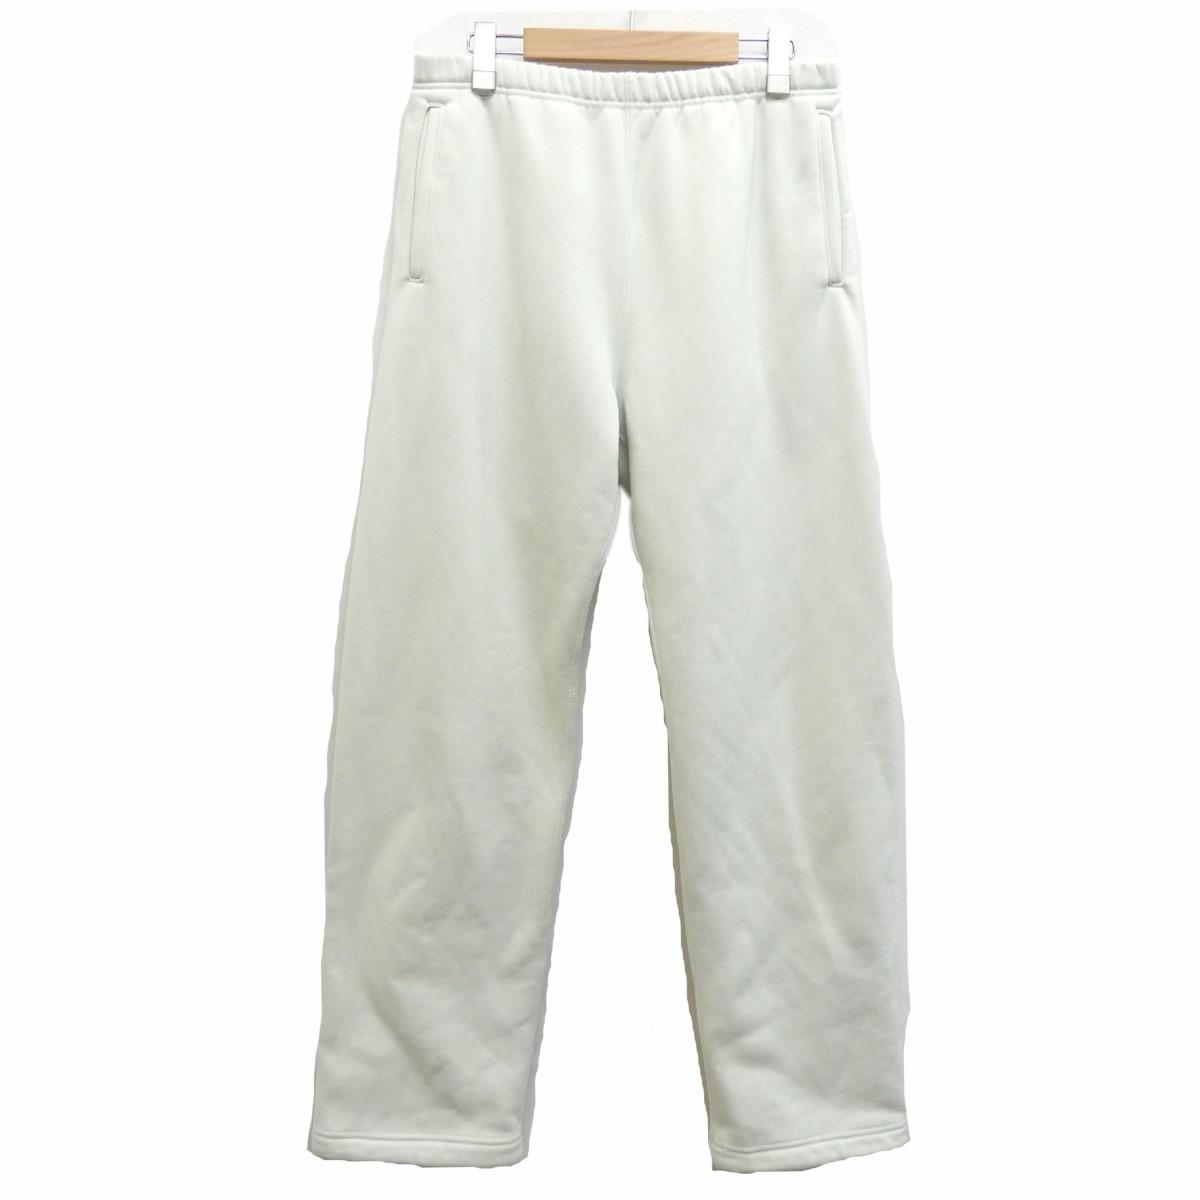 【中古】AURALEE2019AW BAGGY POLYESTER SWEAT PANTS スウェットパンツ ミントグリーン サイズ:3 【3月30日見直し】